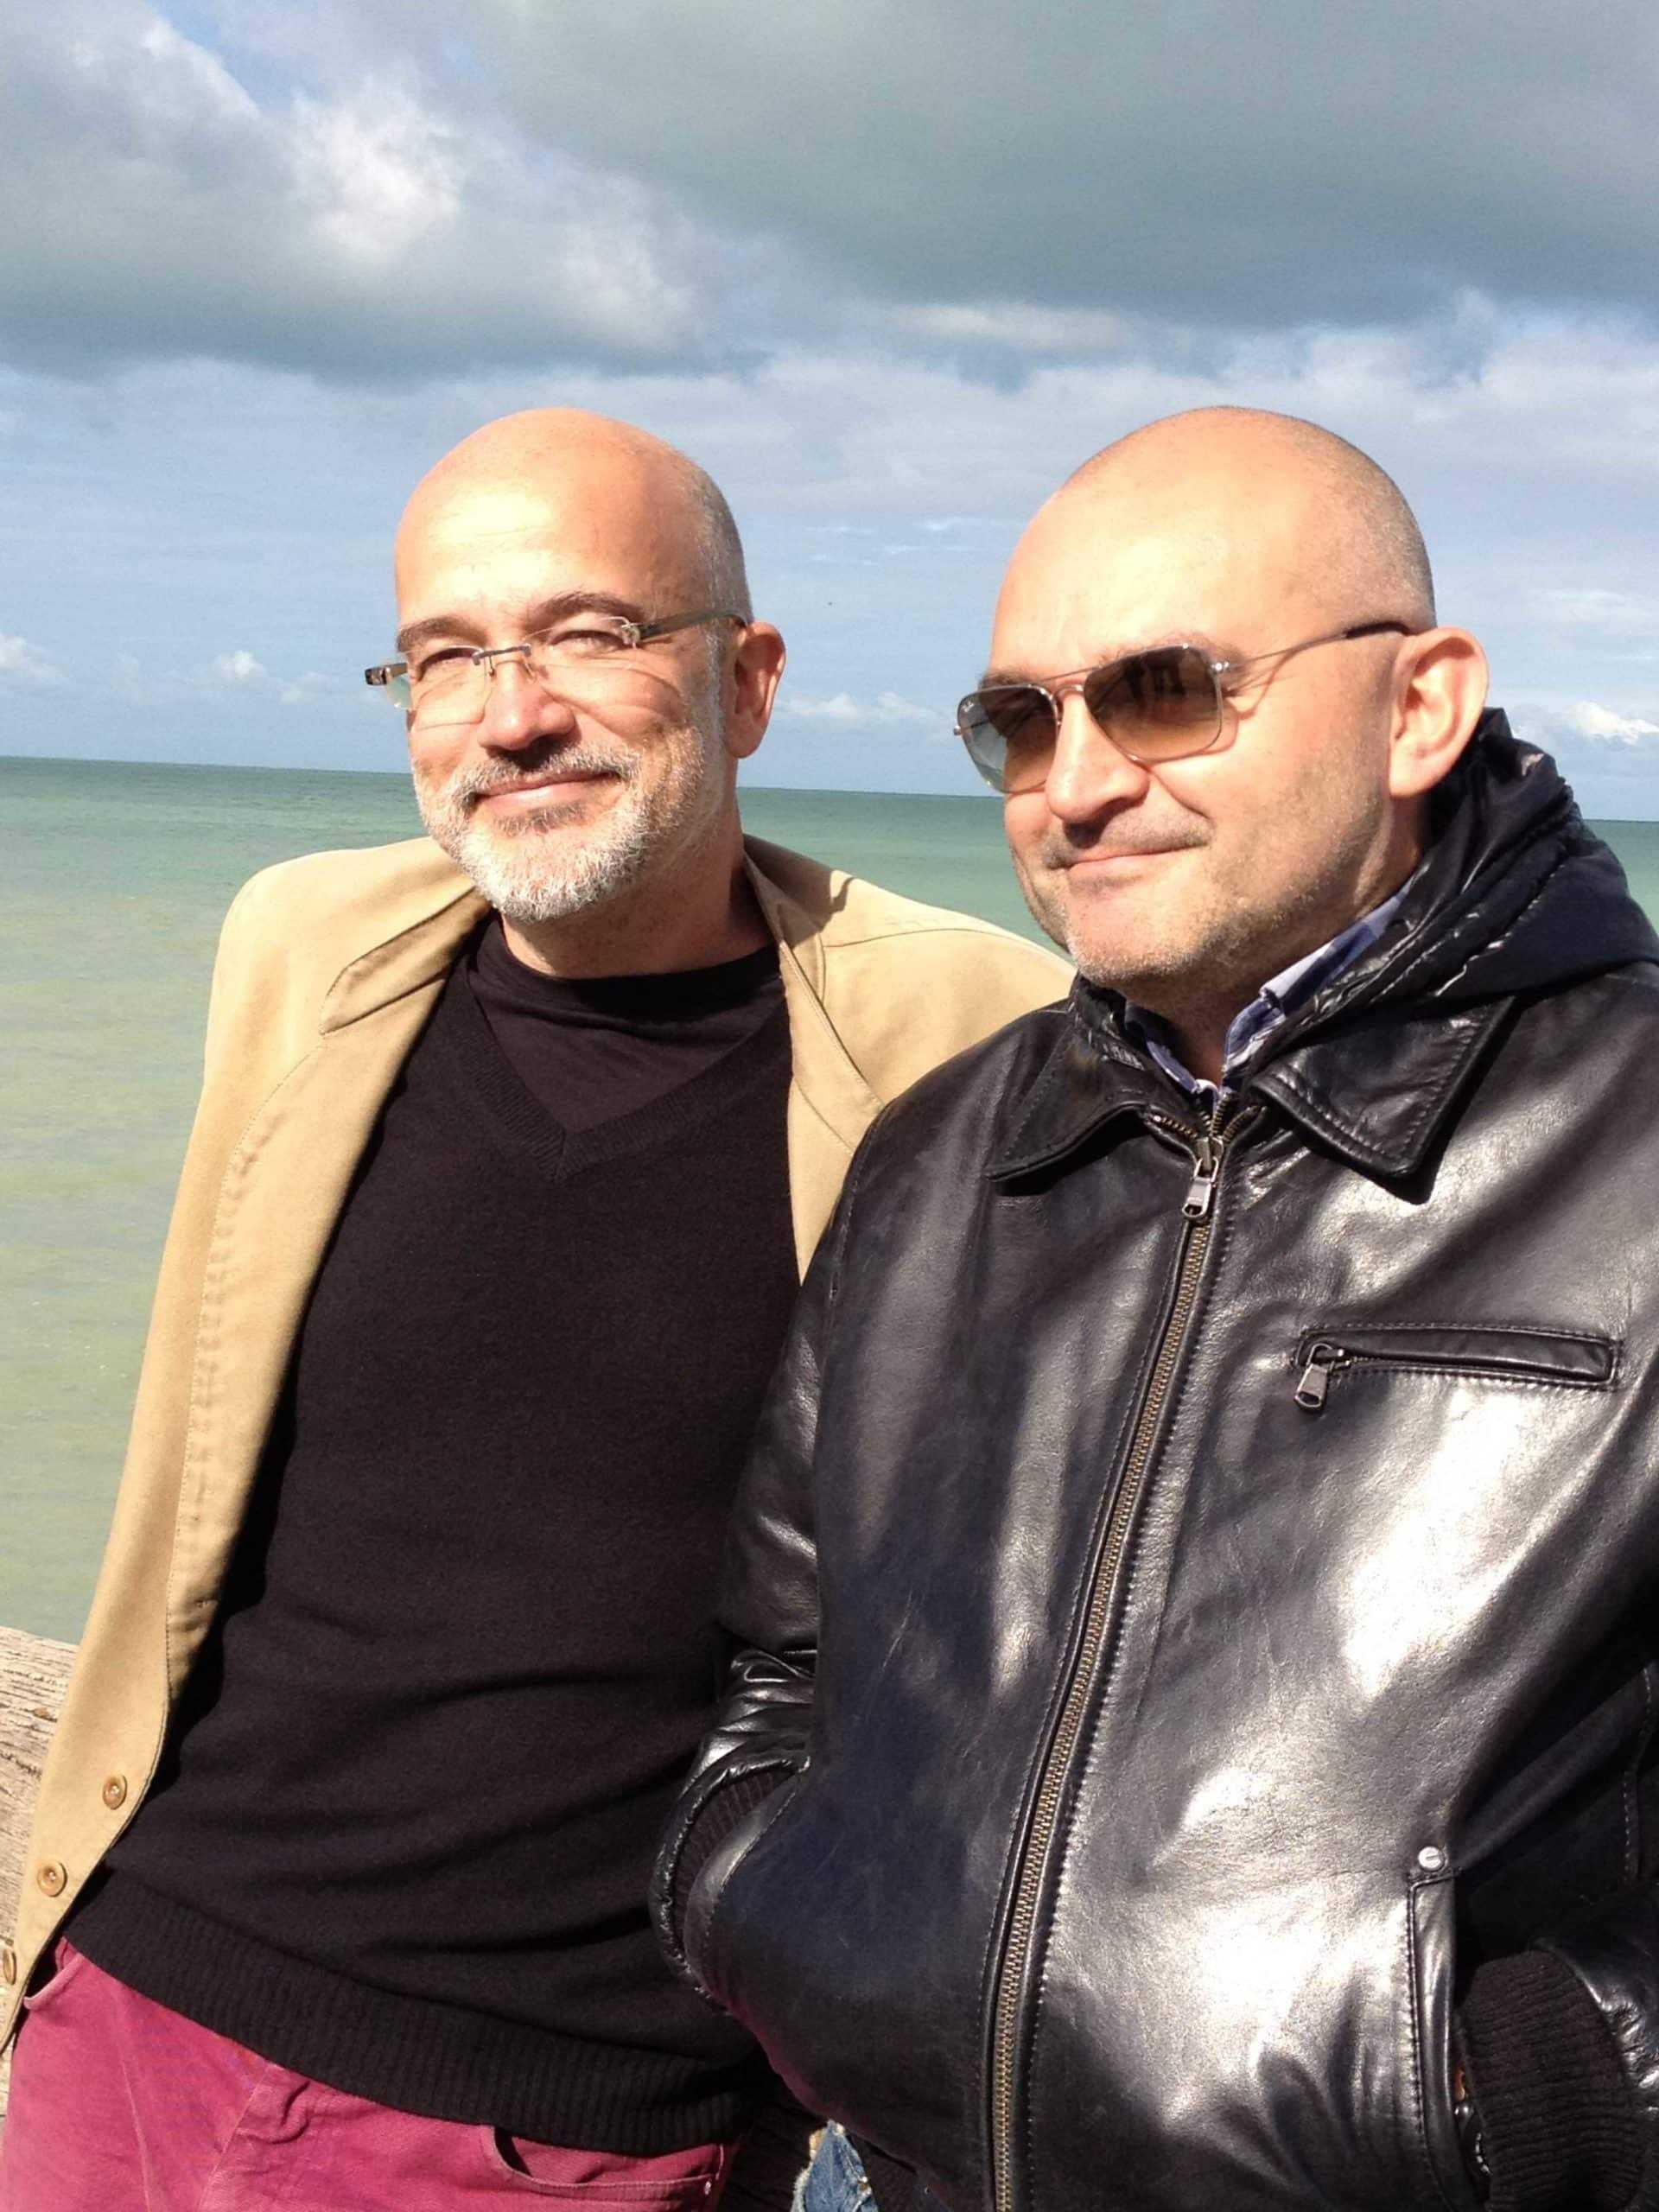 Interview : Jacamon avec Le Tueur en dédicace chez Azimuts jeudi à Montpellier